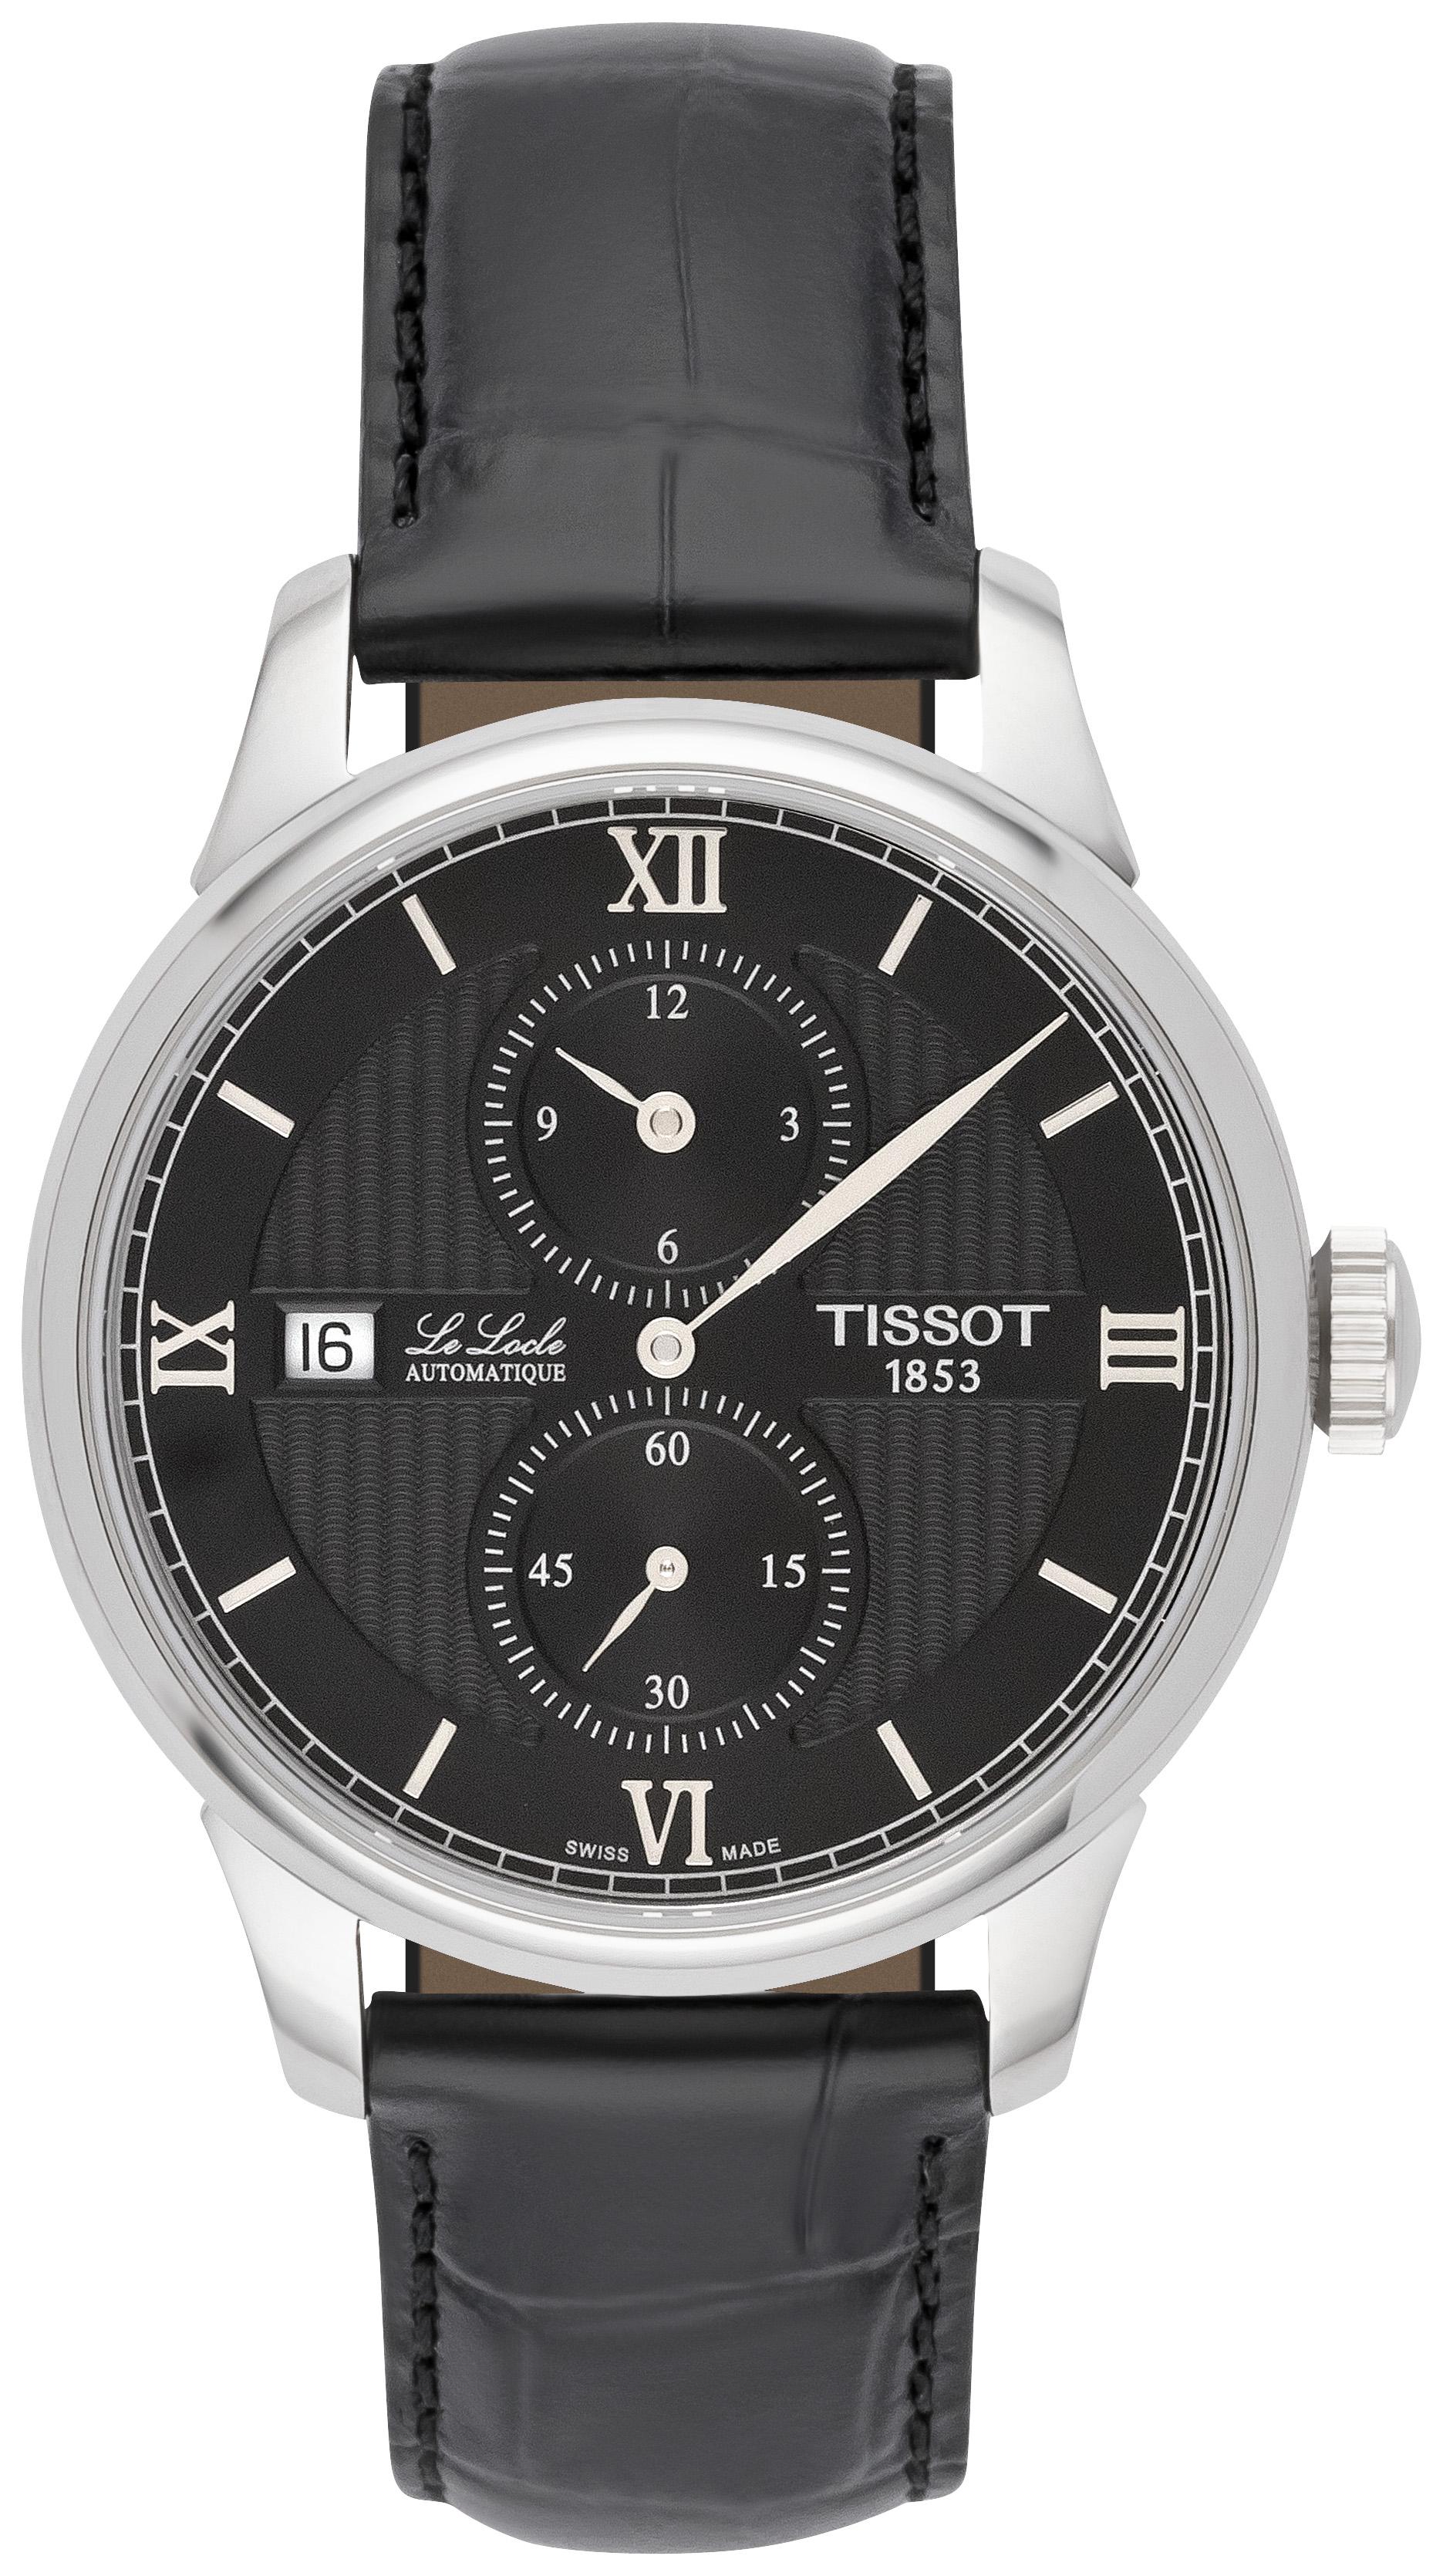 TISSOT Le Locle Automatic für 340€ inkl. Versand & Zoll   Armbanduhr mit Saphirglas, Sichtboden, 39,3mm Durchmesser